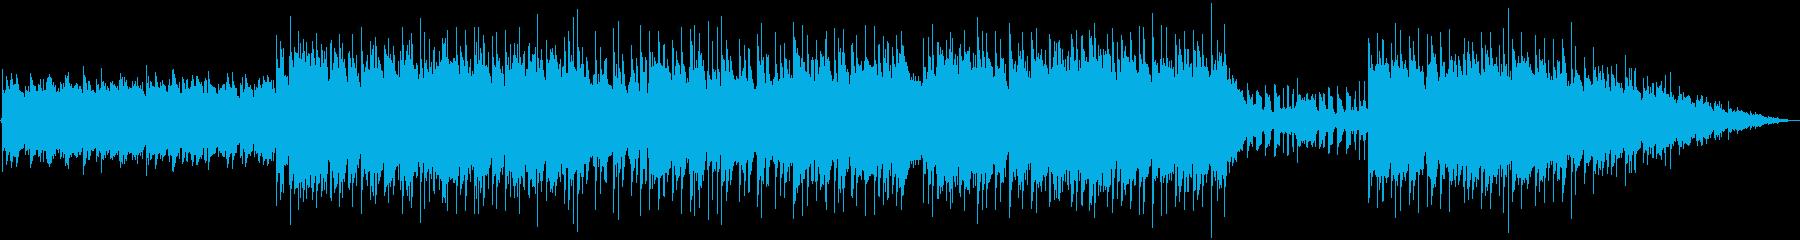 明るいギターアルペジオのBGMの再生済みの波形